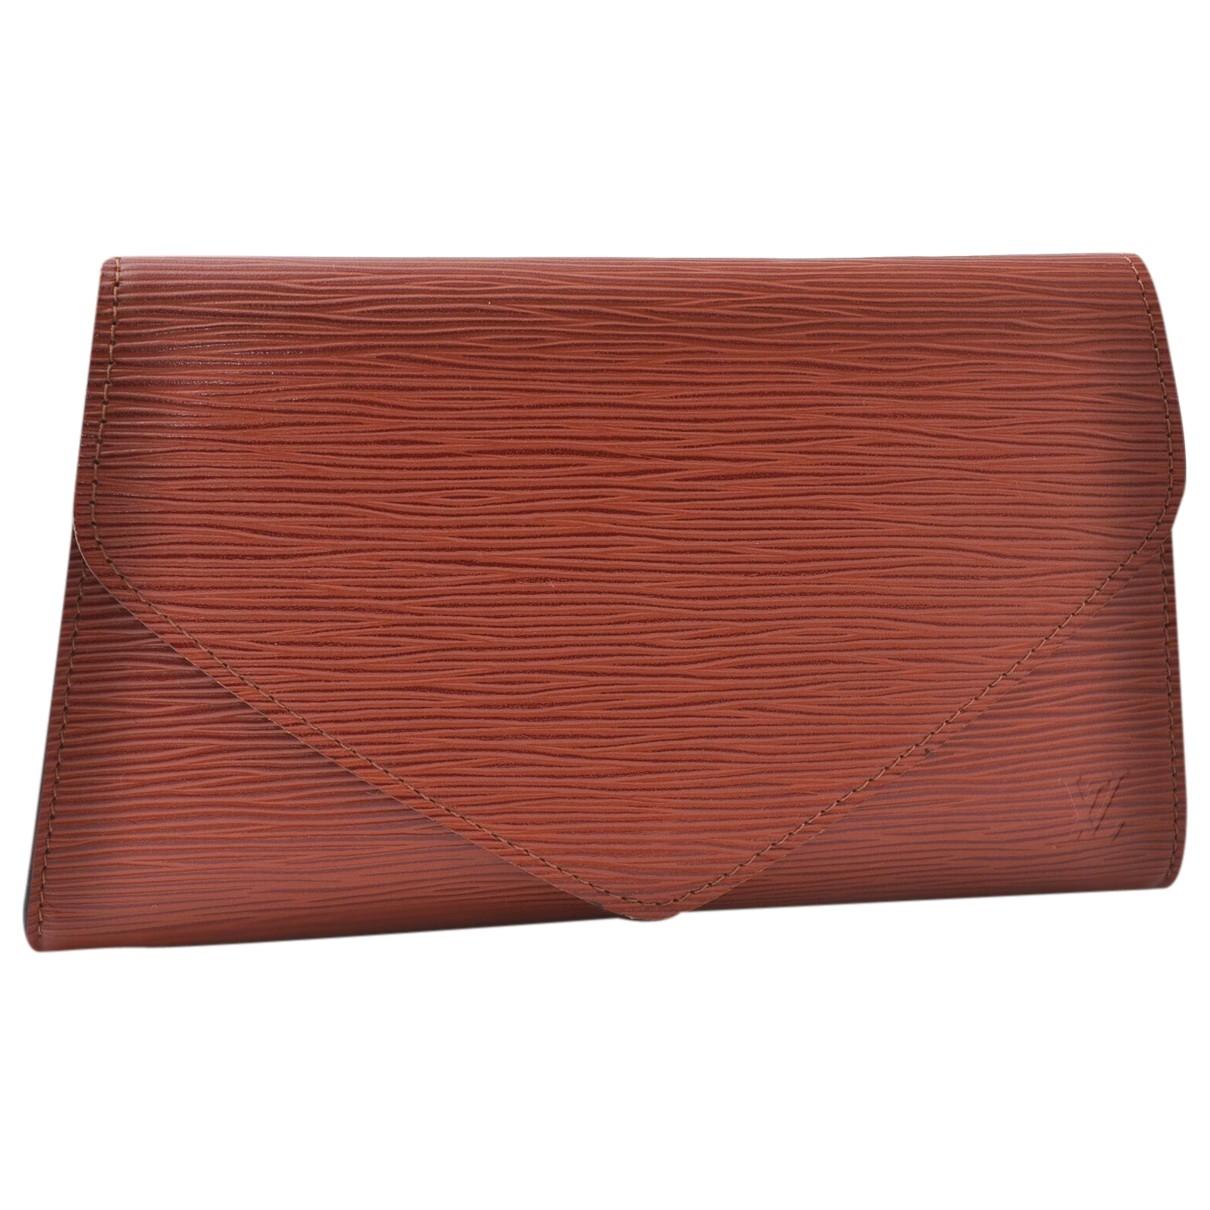 Louis Vuitton - Pochette   pour femme en cuir - marron